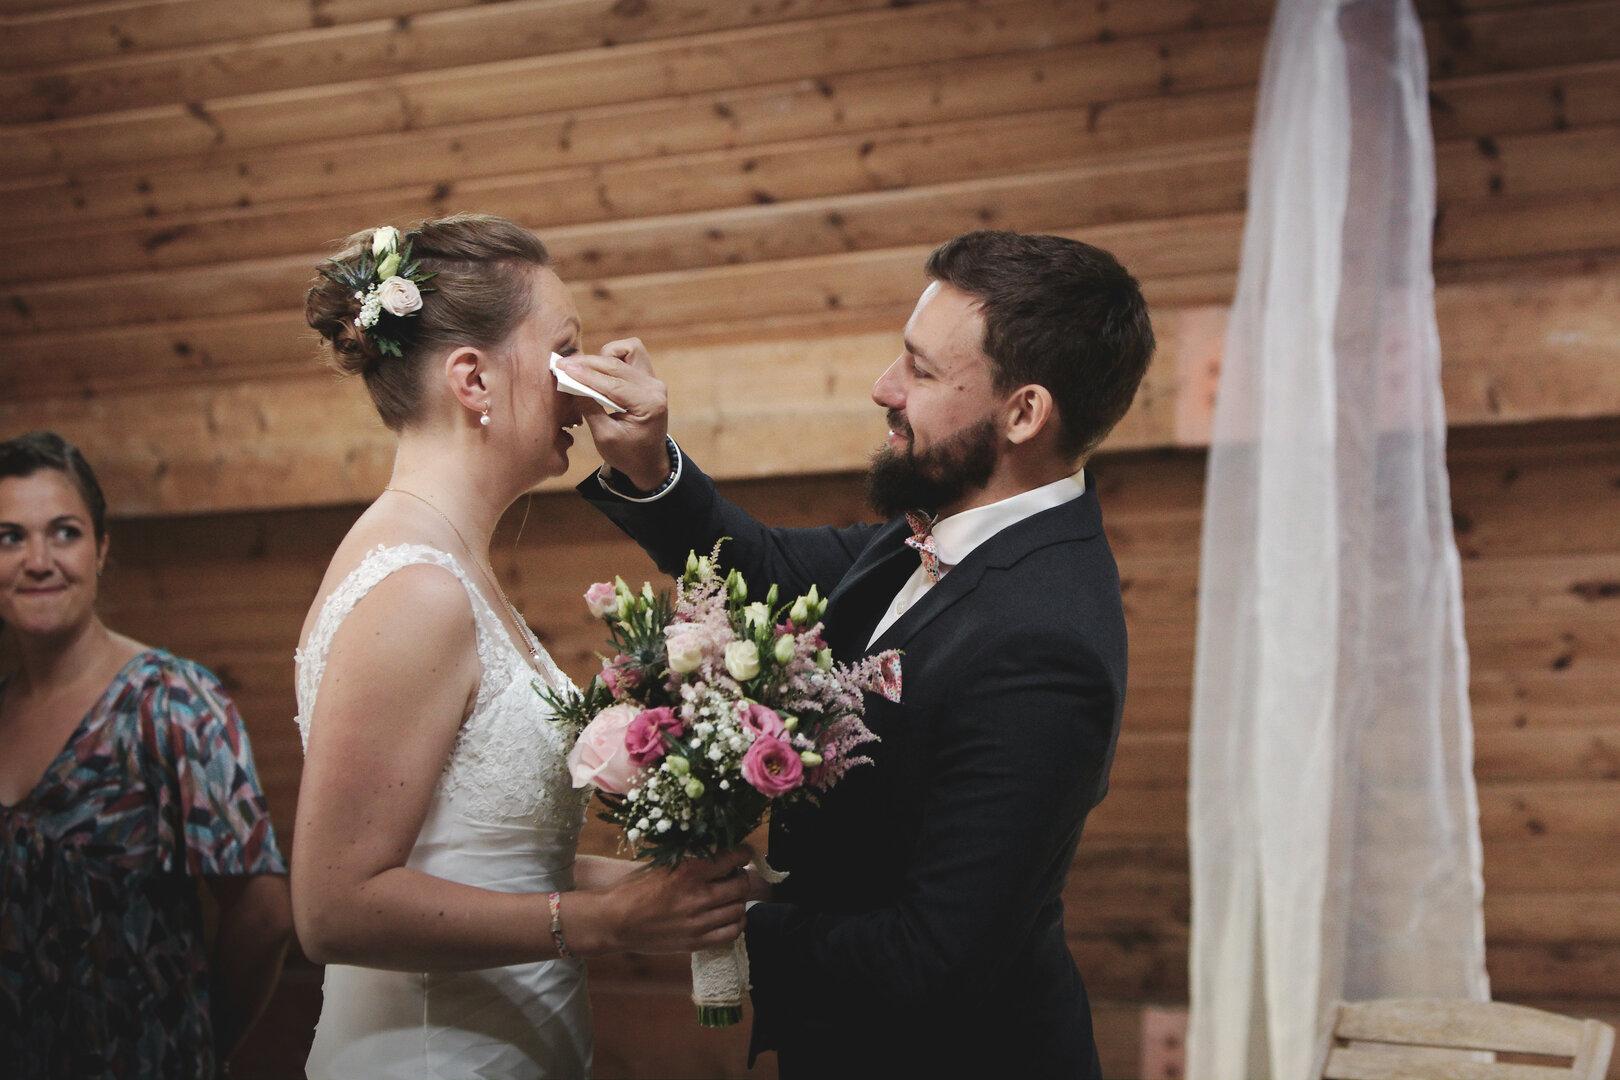 Le Marié essuie une larme de bonheur sur la joue de la mariée